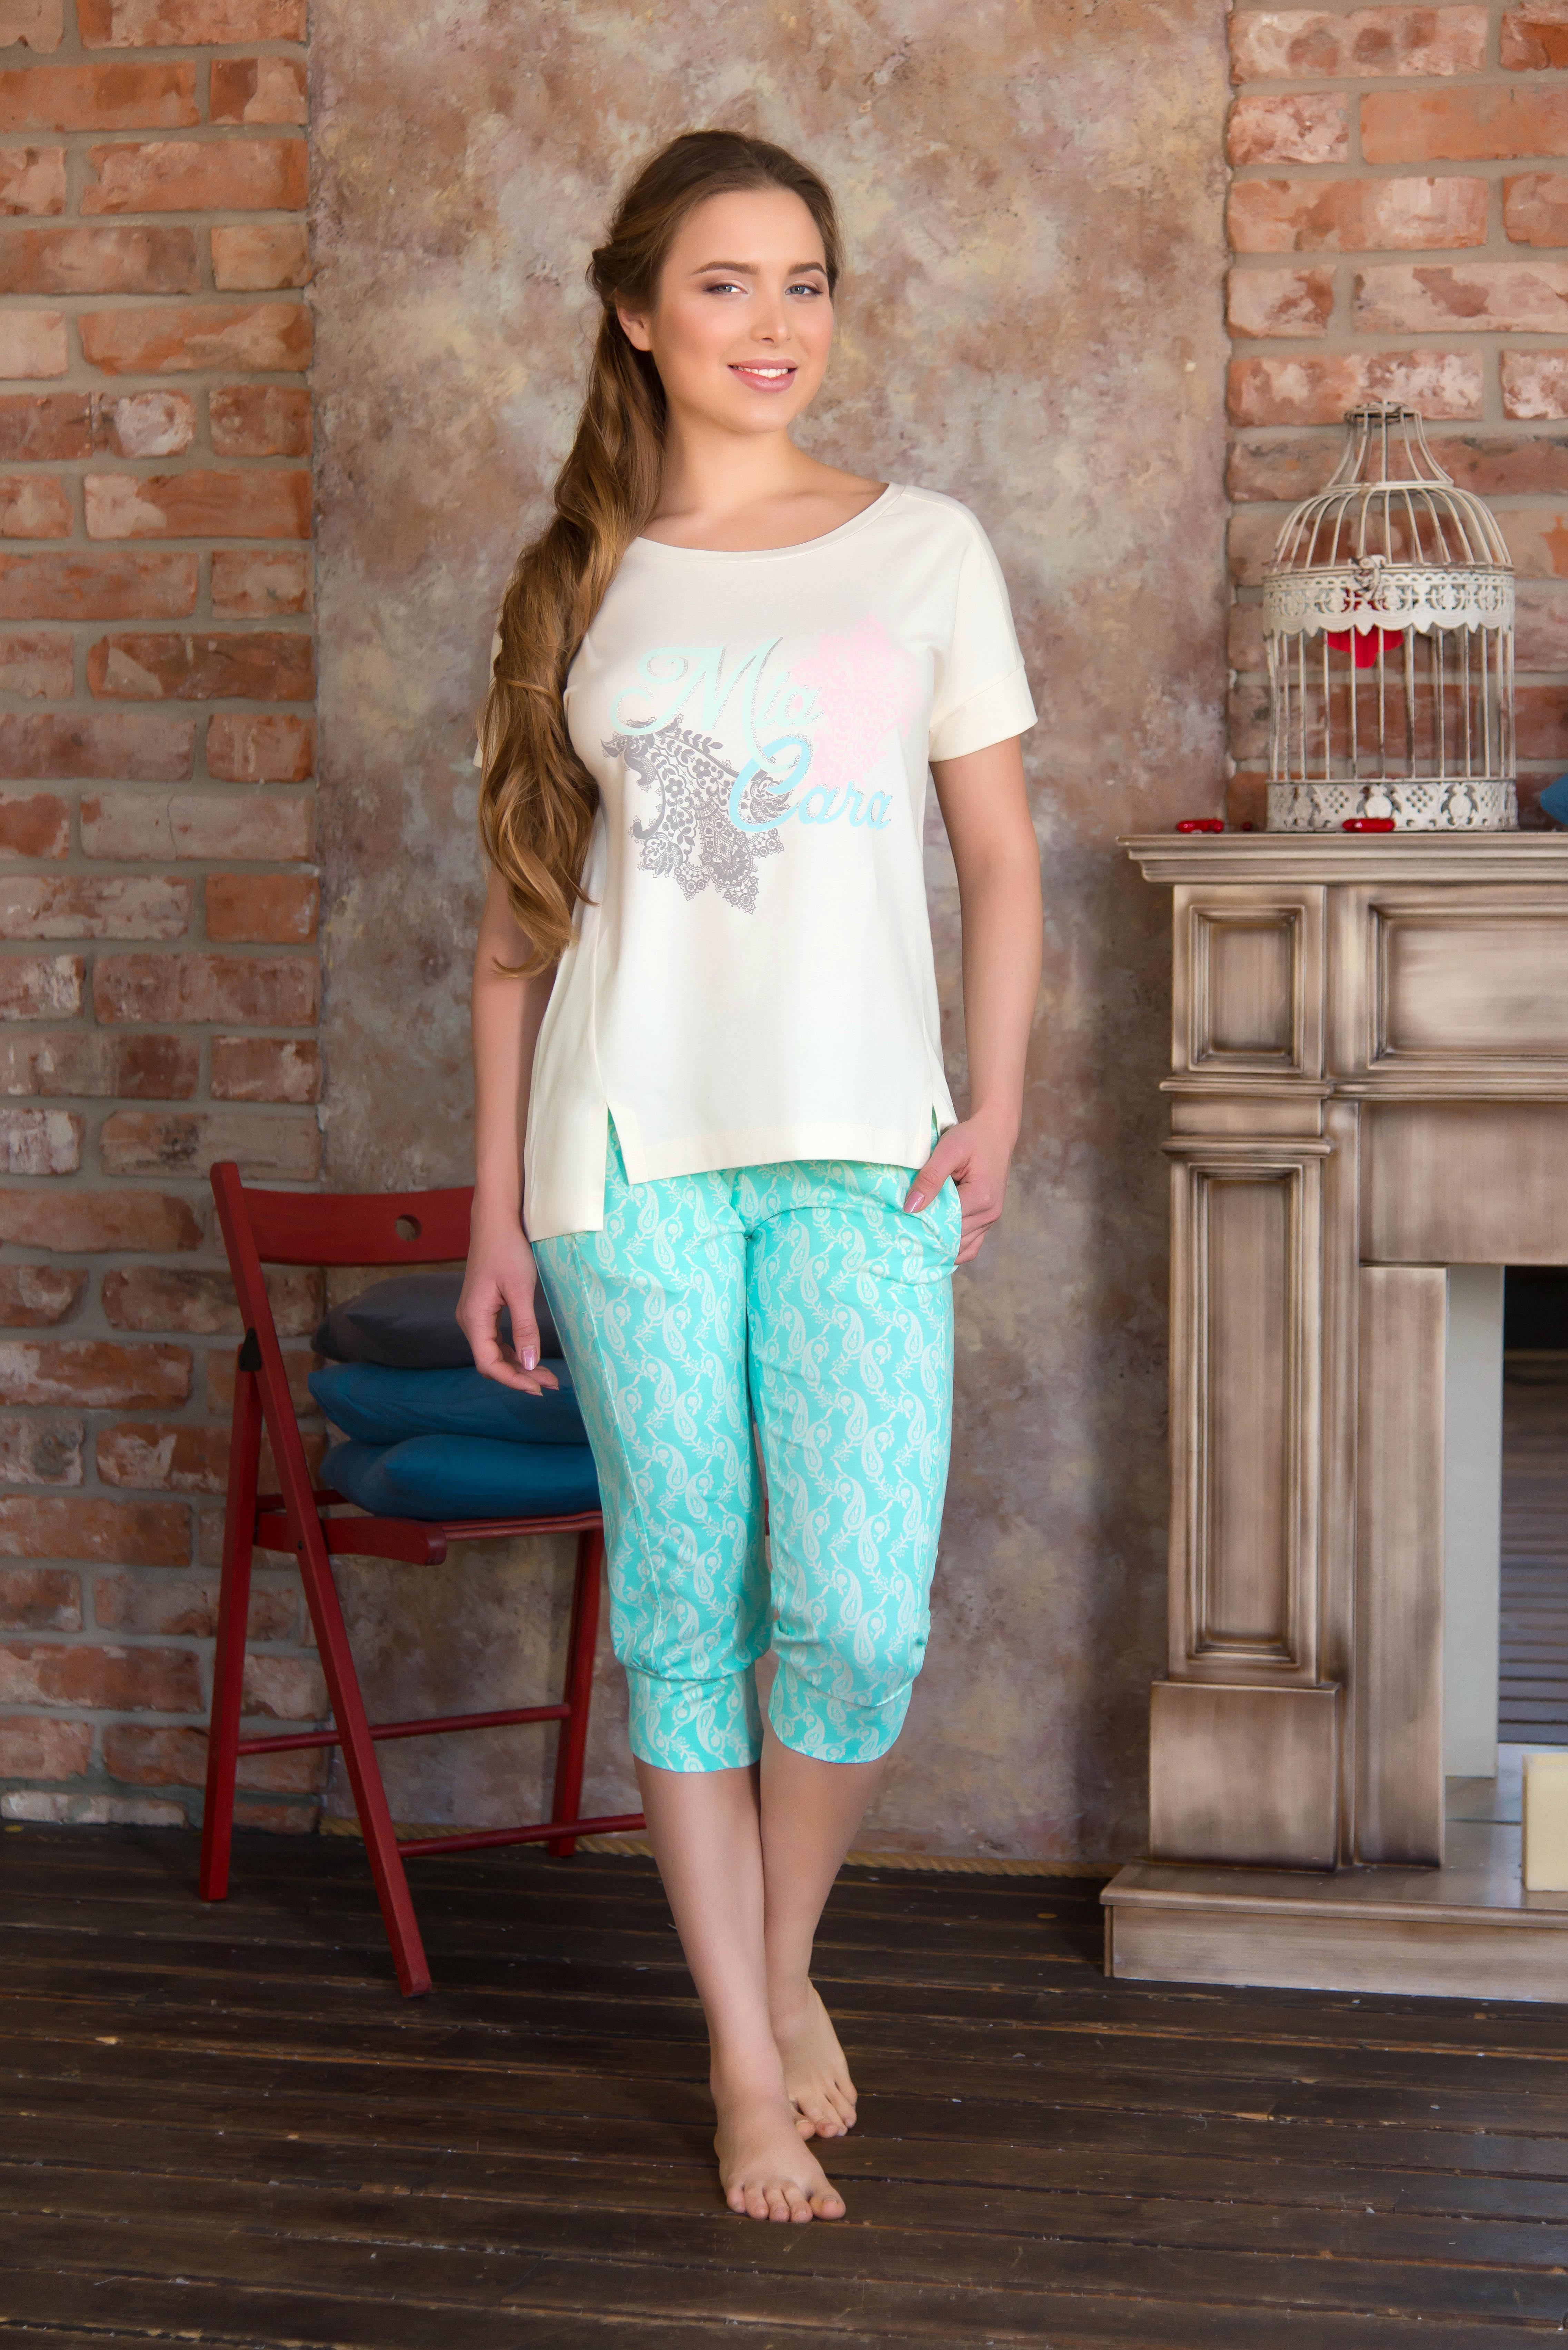 Костюмы для дома и отдыха Mia Cara Костюм для дома Jasmin Цвет: Ментол (xxxL) пижама женская футболка шорты mia cara portugal цвет розовый голубой aw16 mc 813 размер 50 52